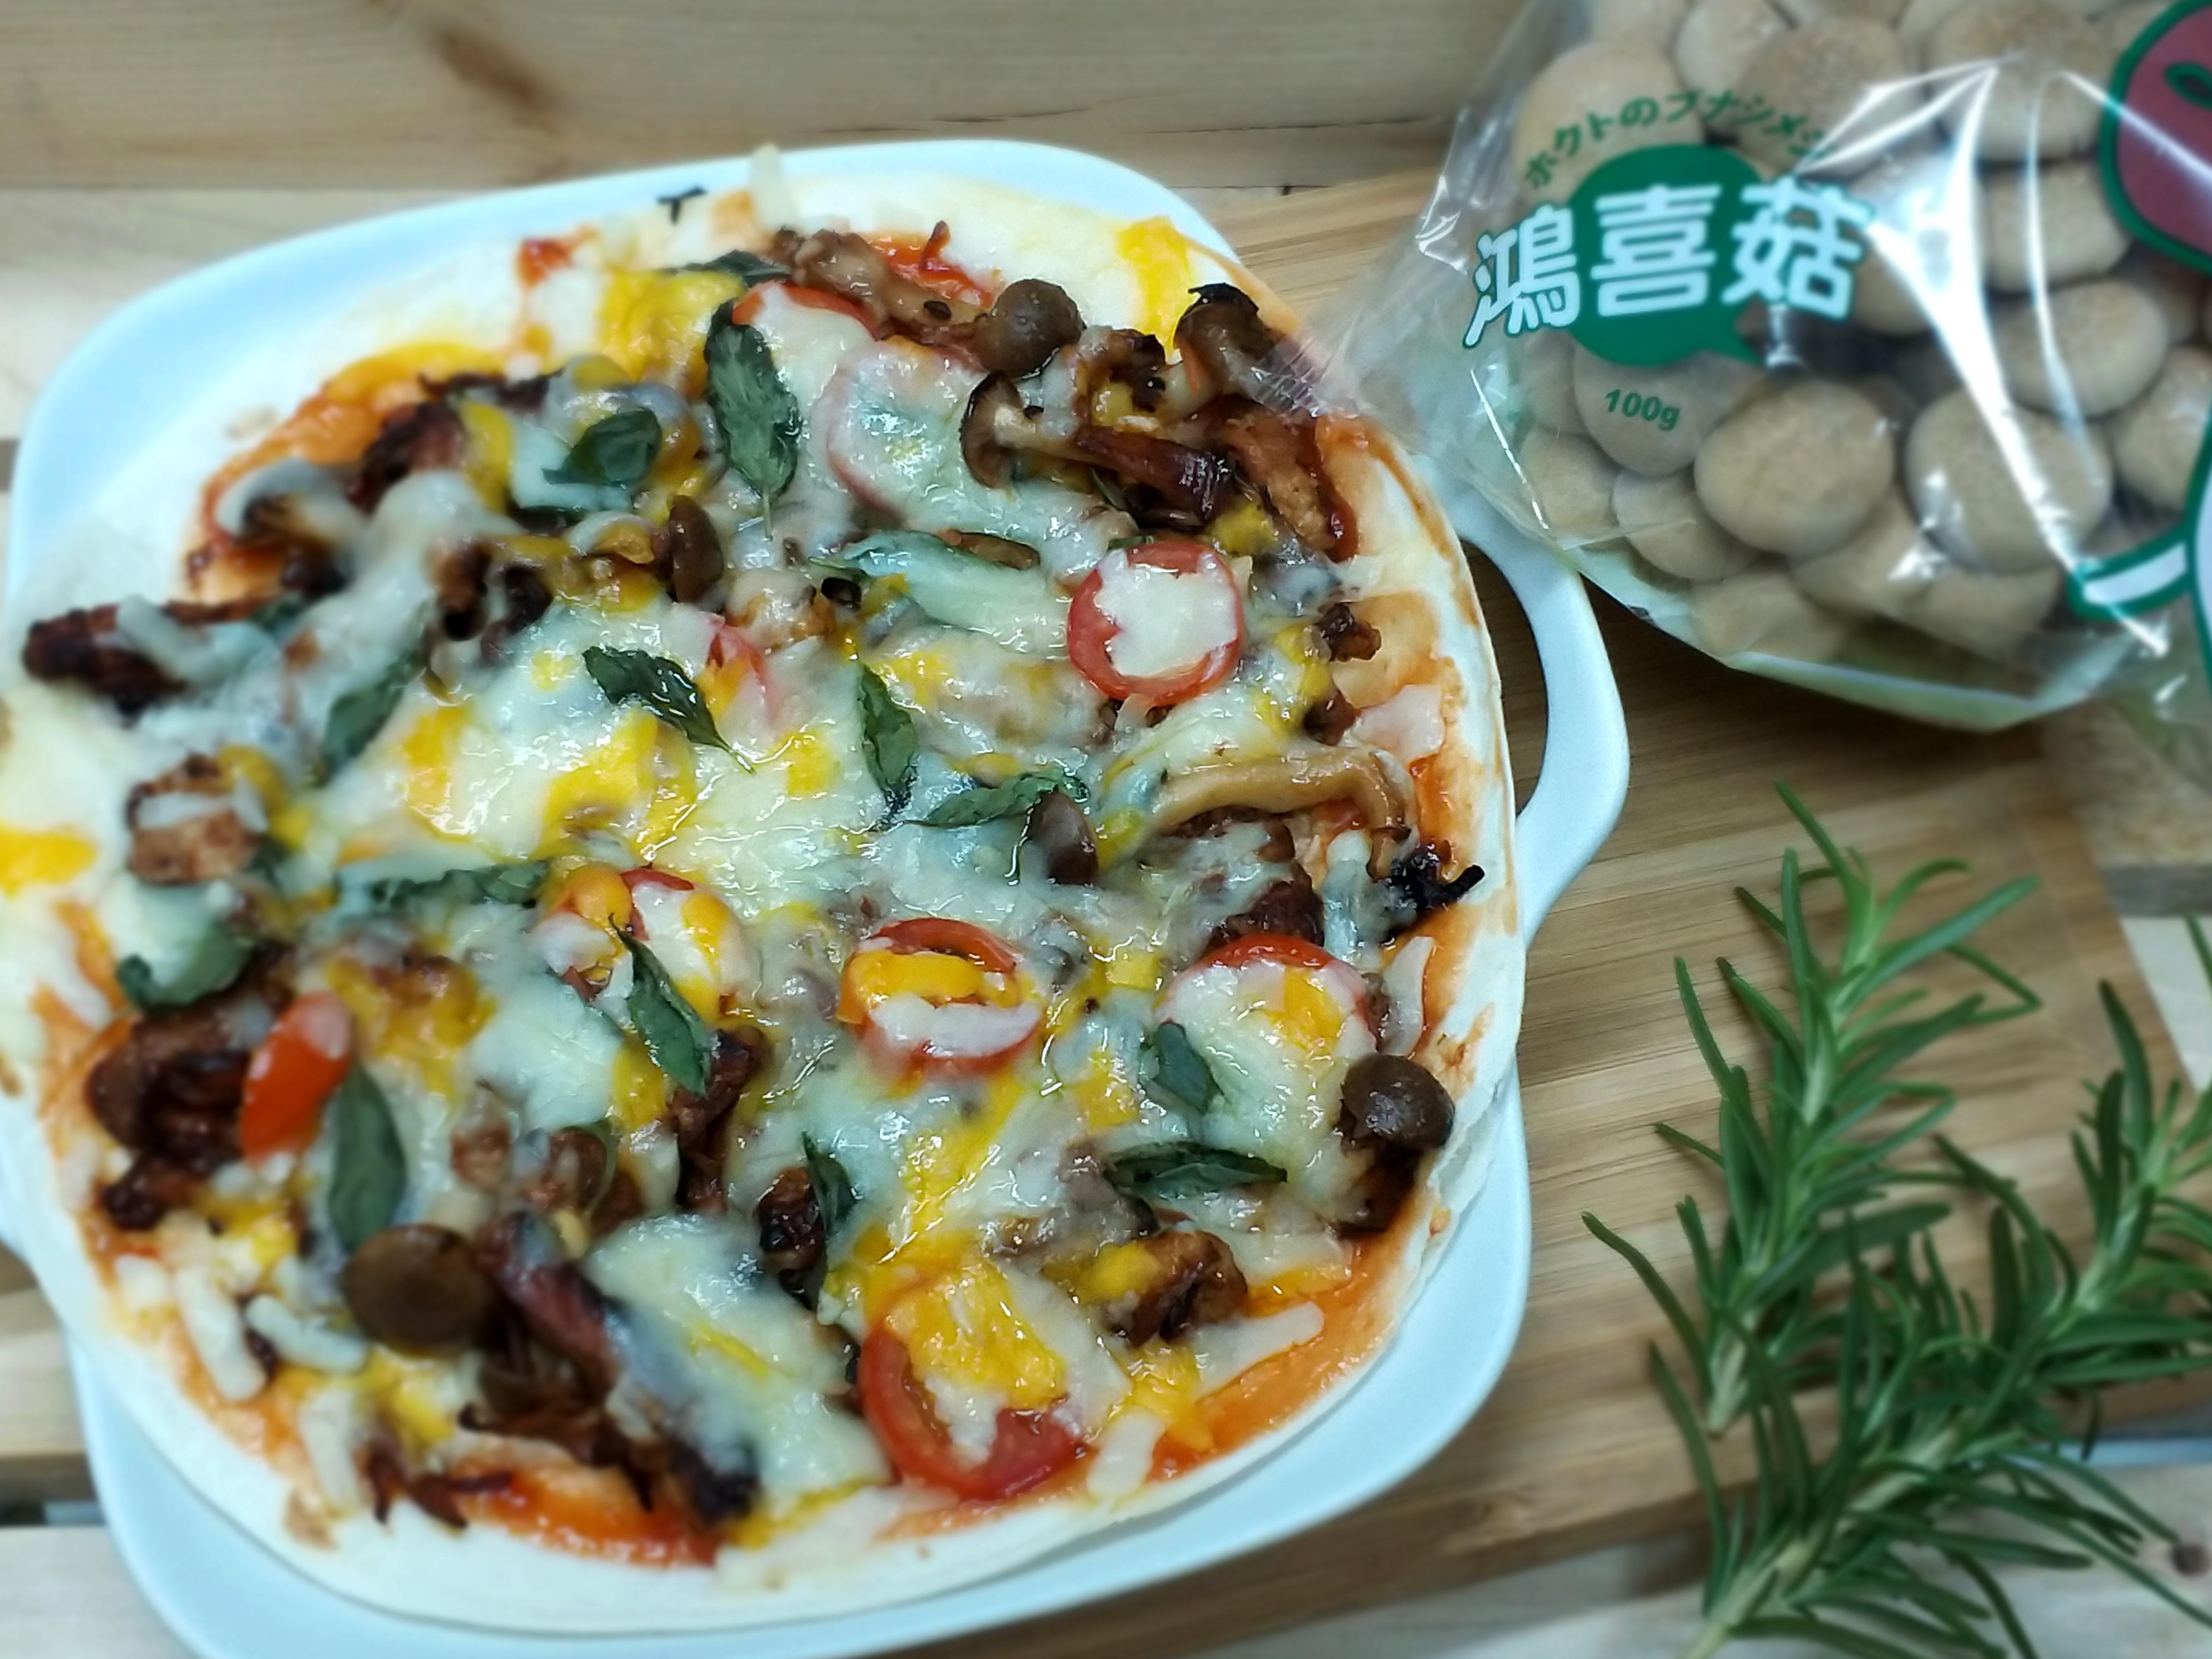 香甜番茄豬肉菇菇披薩~【好菇道親子食光】